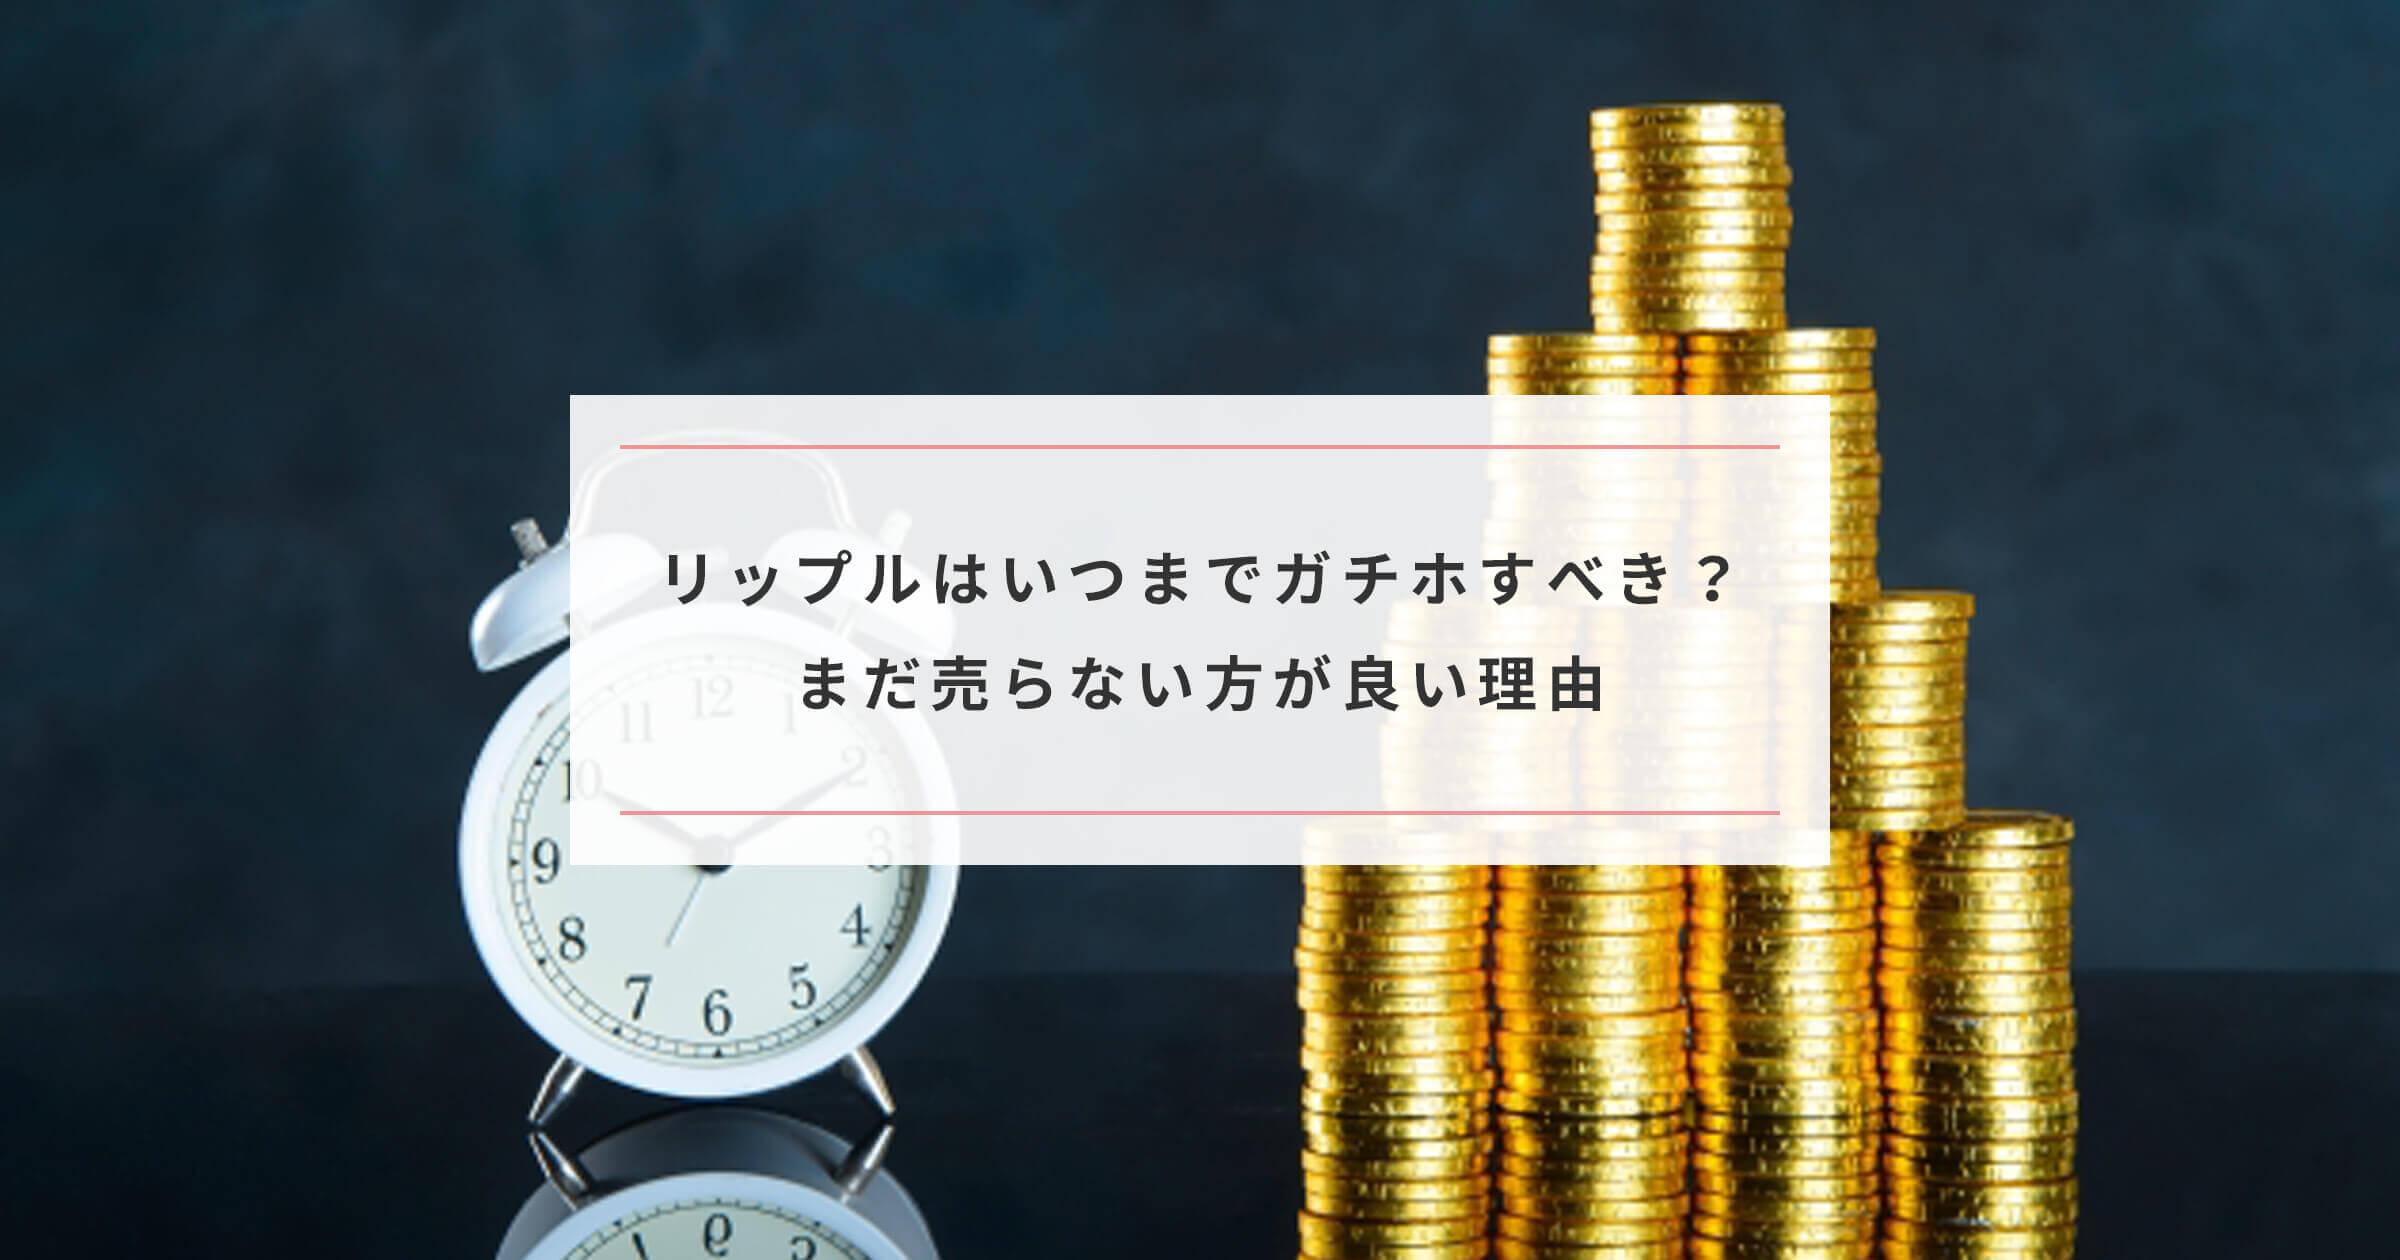 通貨 リップル みんなの 仮想